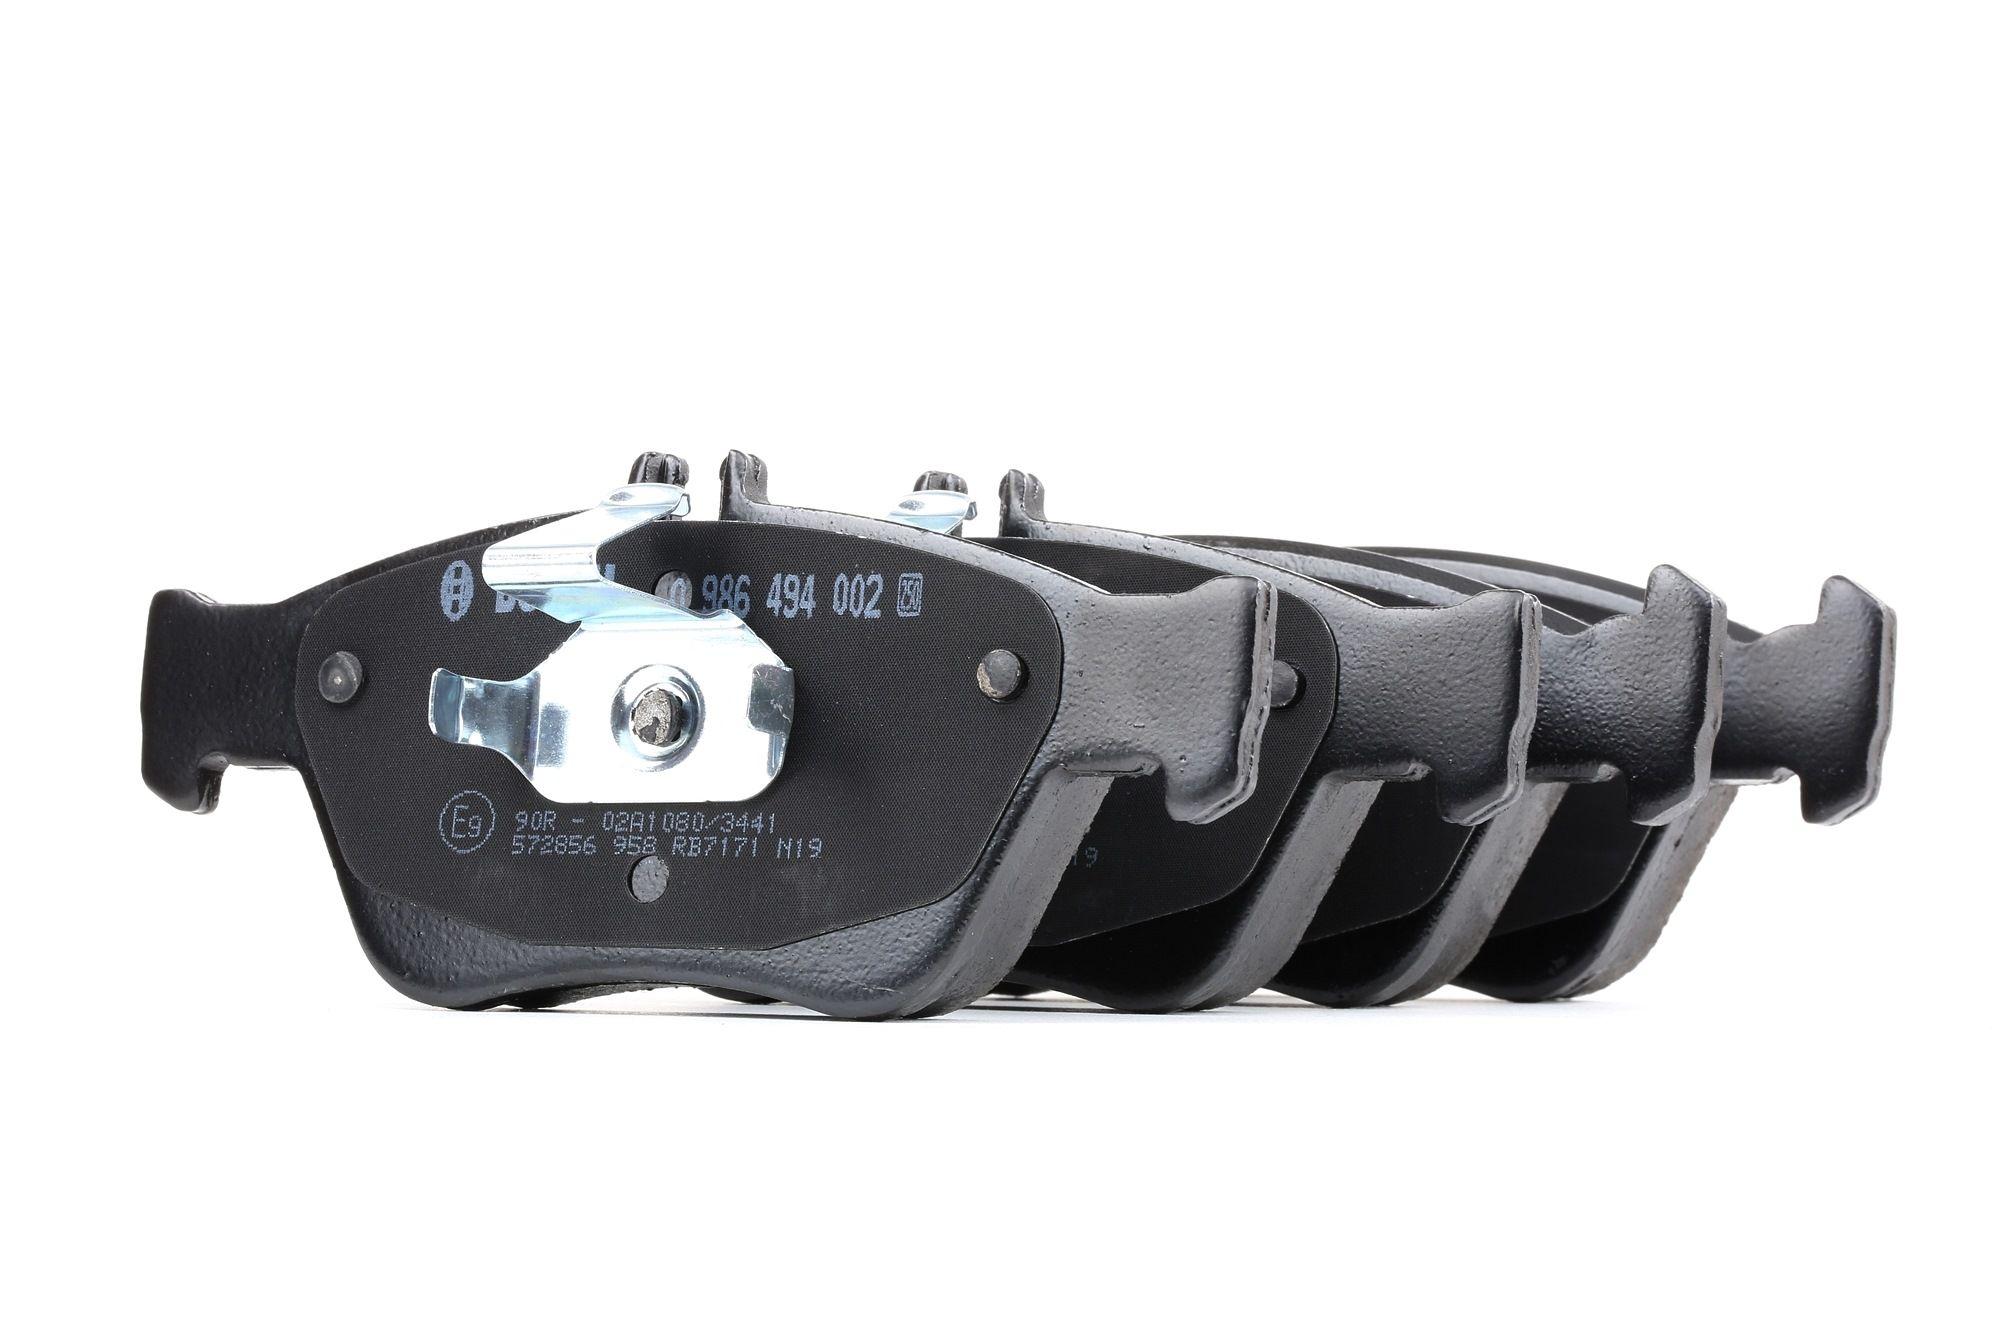 Bremsbelagsatz BOSCH E990R02A10803441 Bewertung